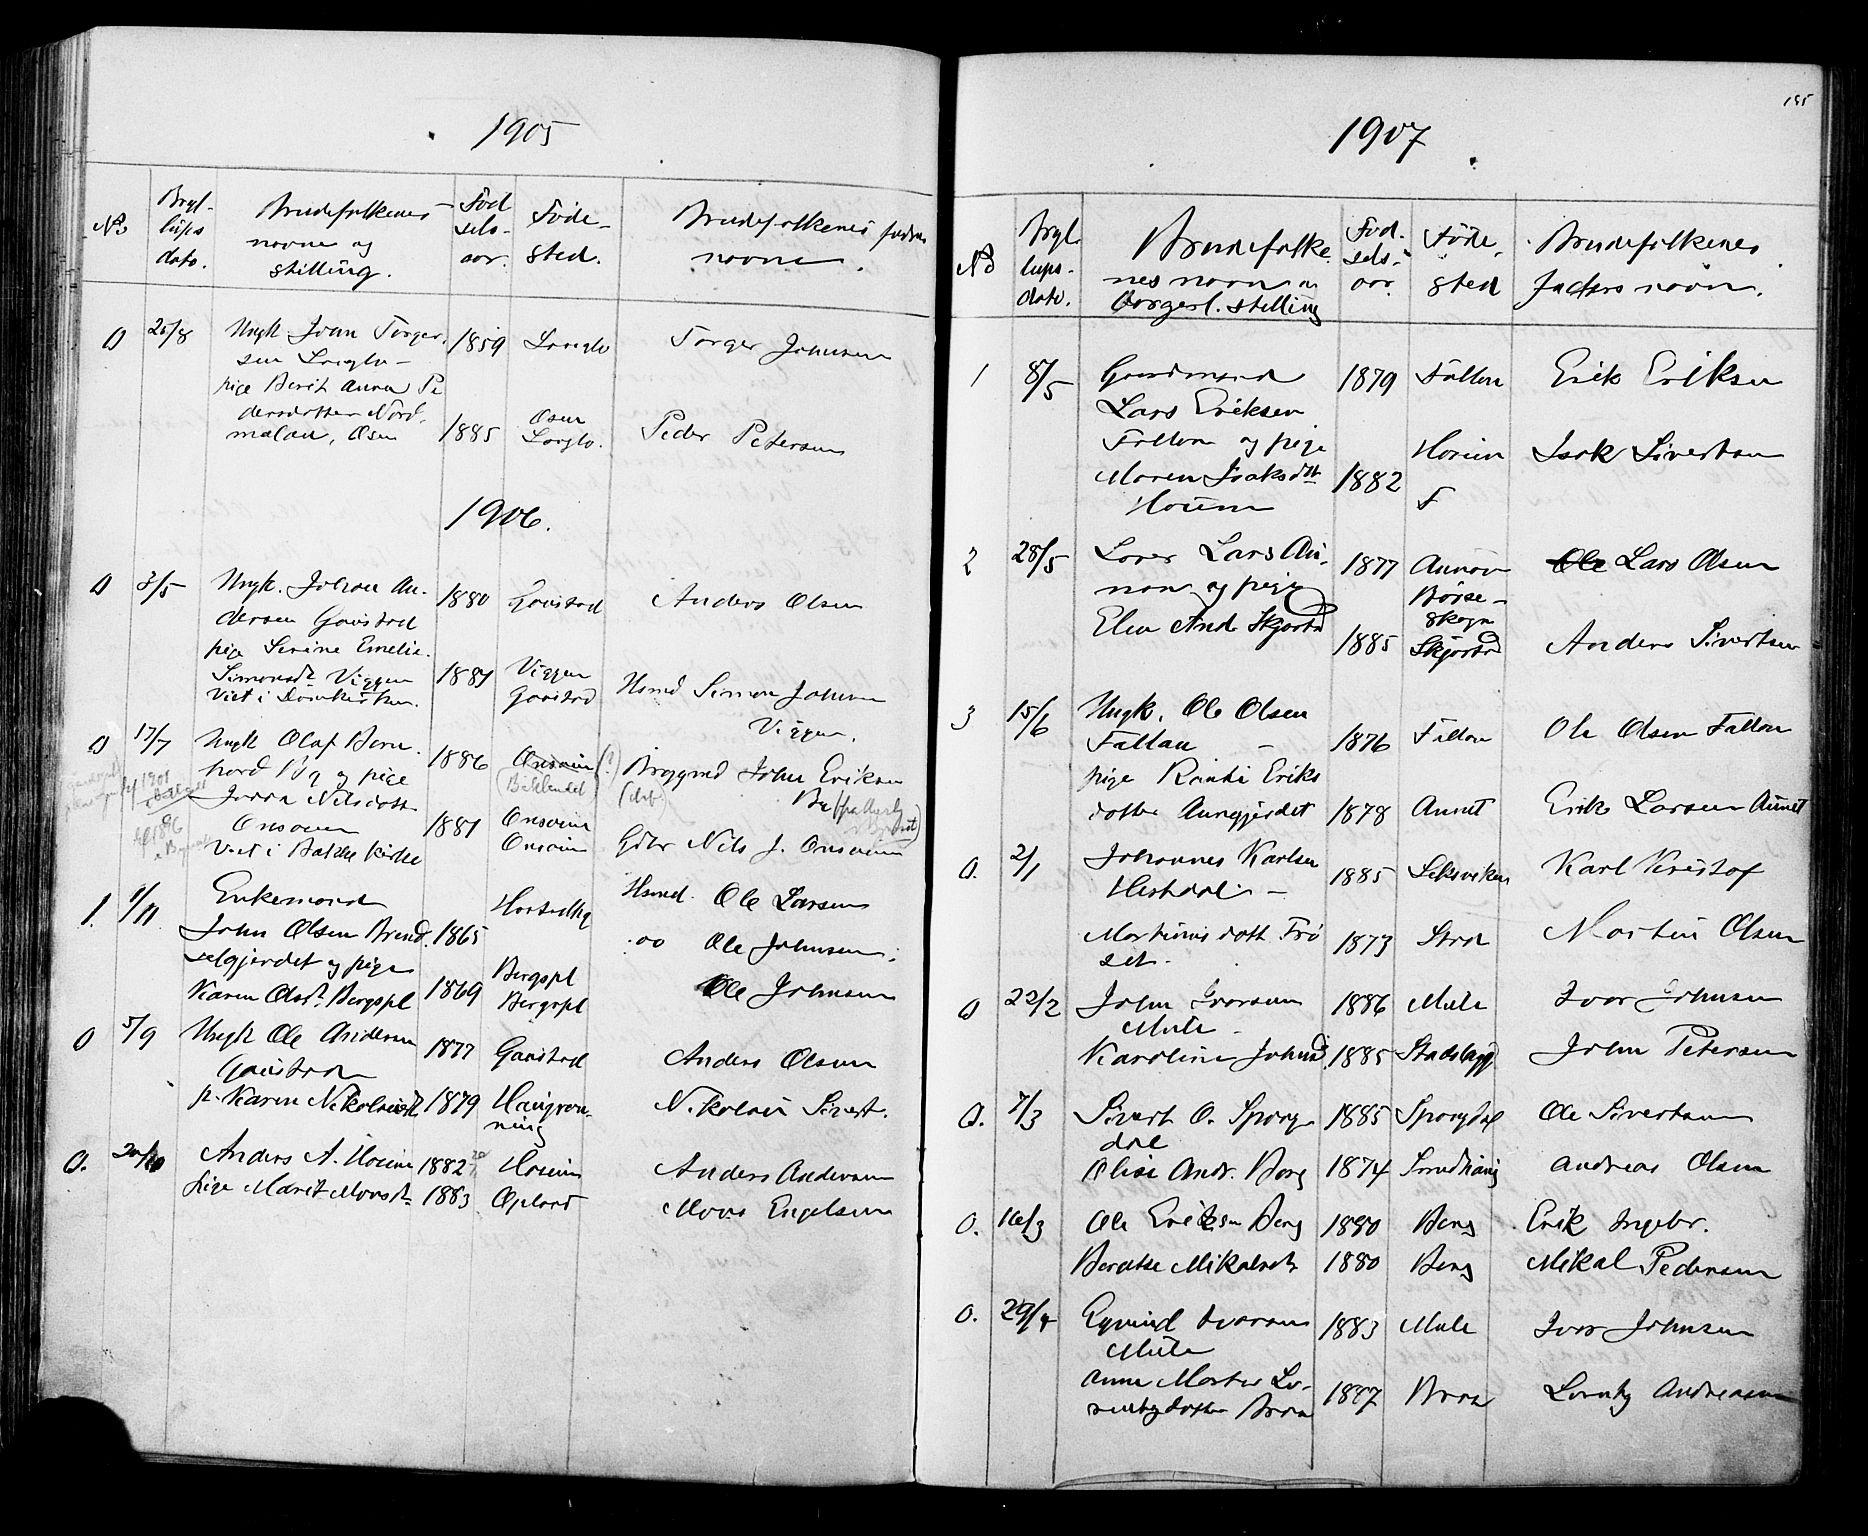 SAT, Ministerialprotokoller, klokkerbøker og fødselsregistre - Sør-Trøndelag, 612/L0387: Klokkerbok nr. 612C03, 1874-1908, s. 195